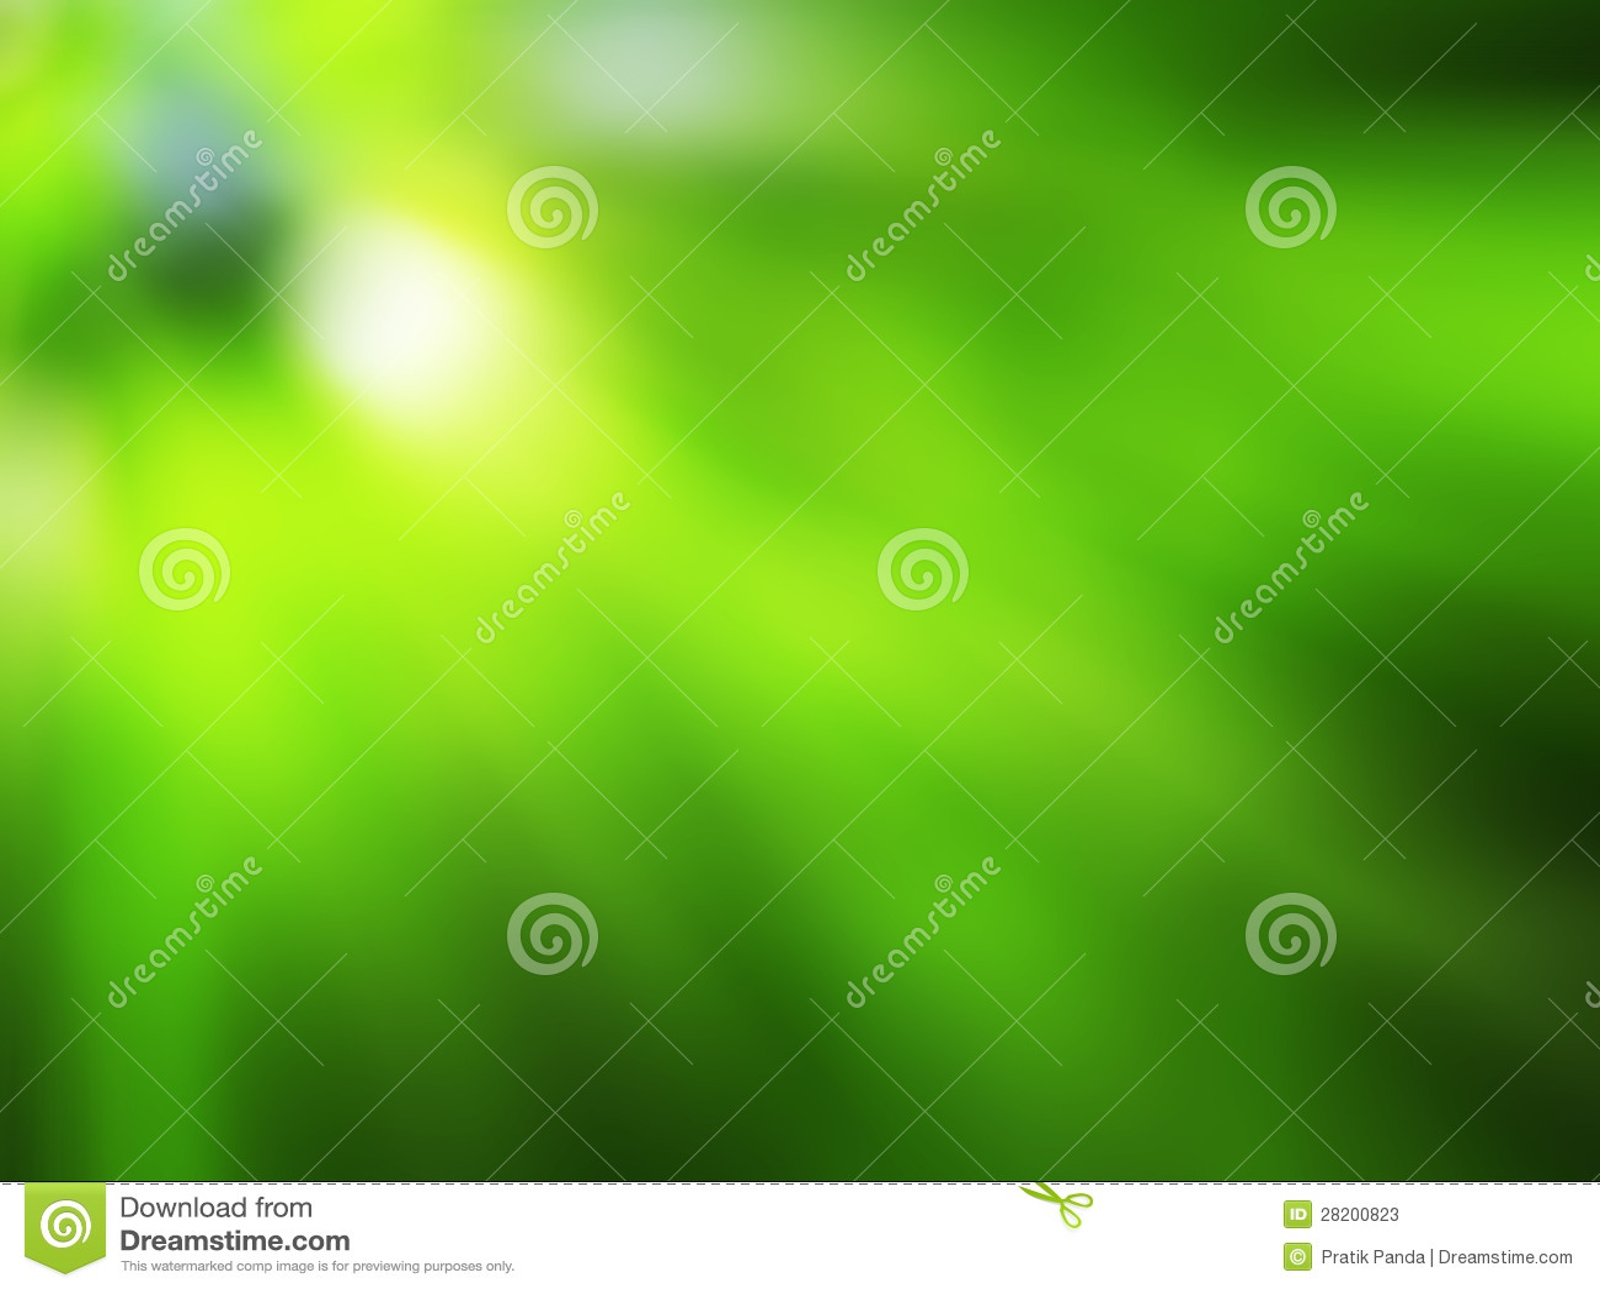 Zielony tło z zamazanymi promieniami